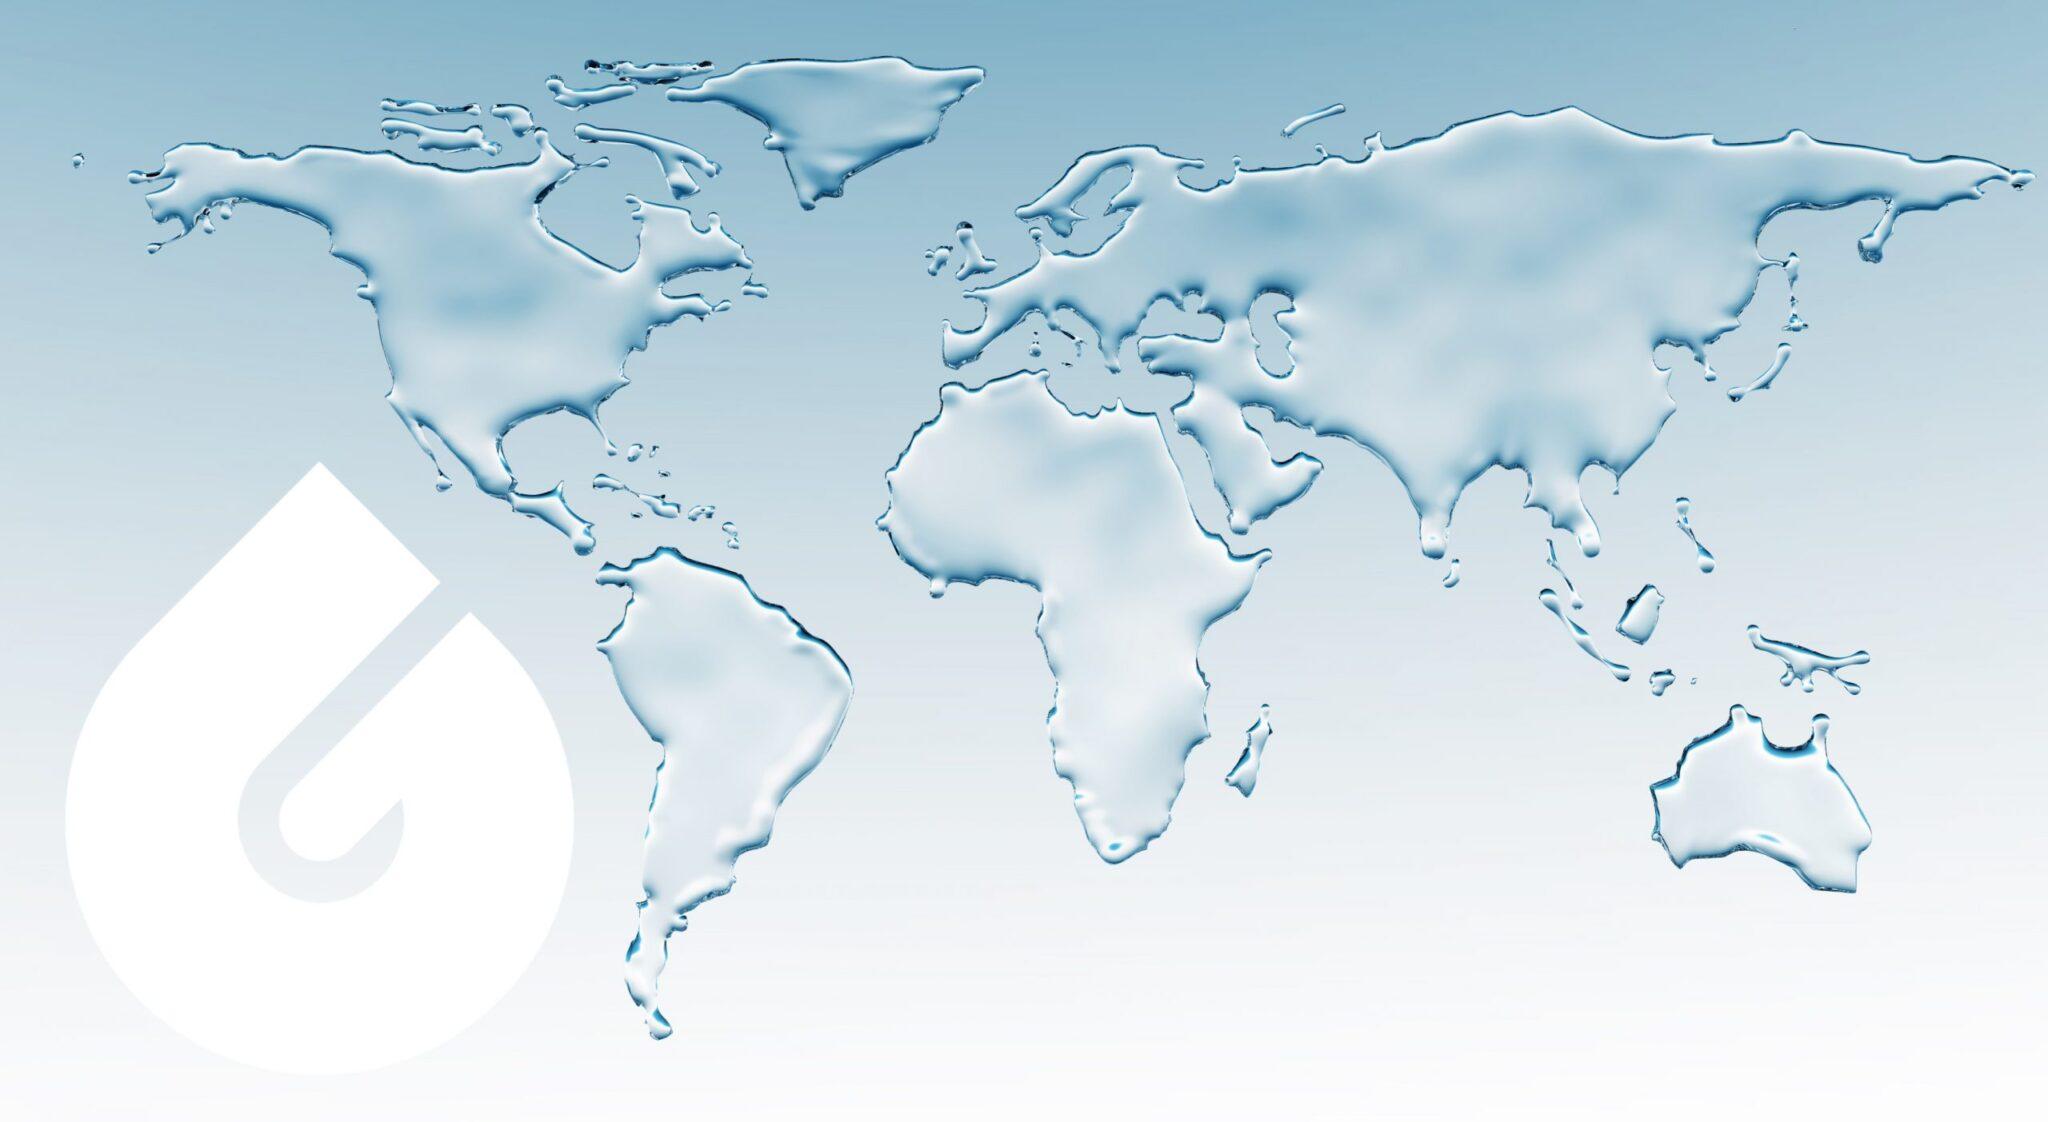 agua para el mundo scaled - Los Generadores Atmosféricos de Agua de GENAQ ya están presentes en más de 35 países de todo el mundo